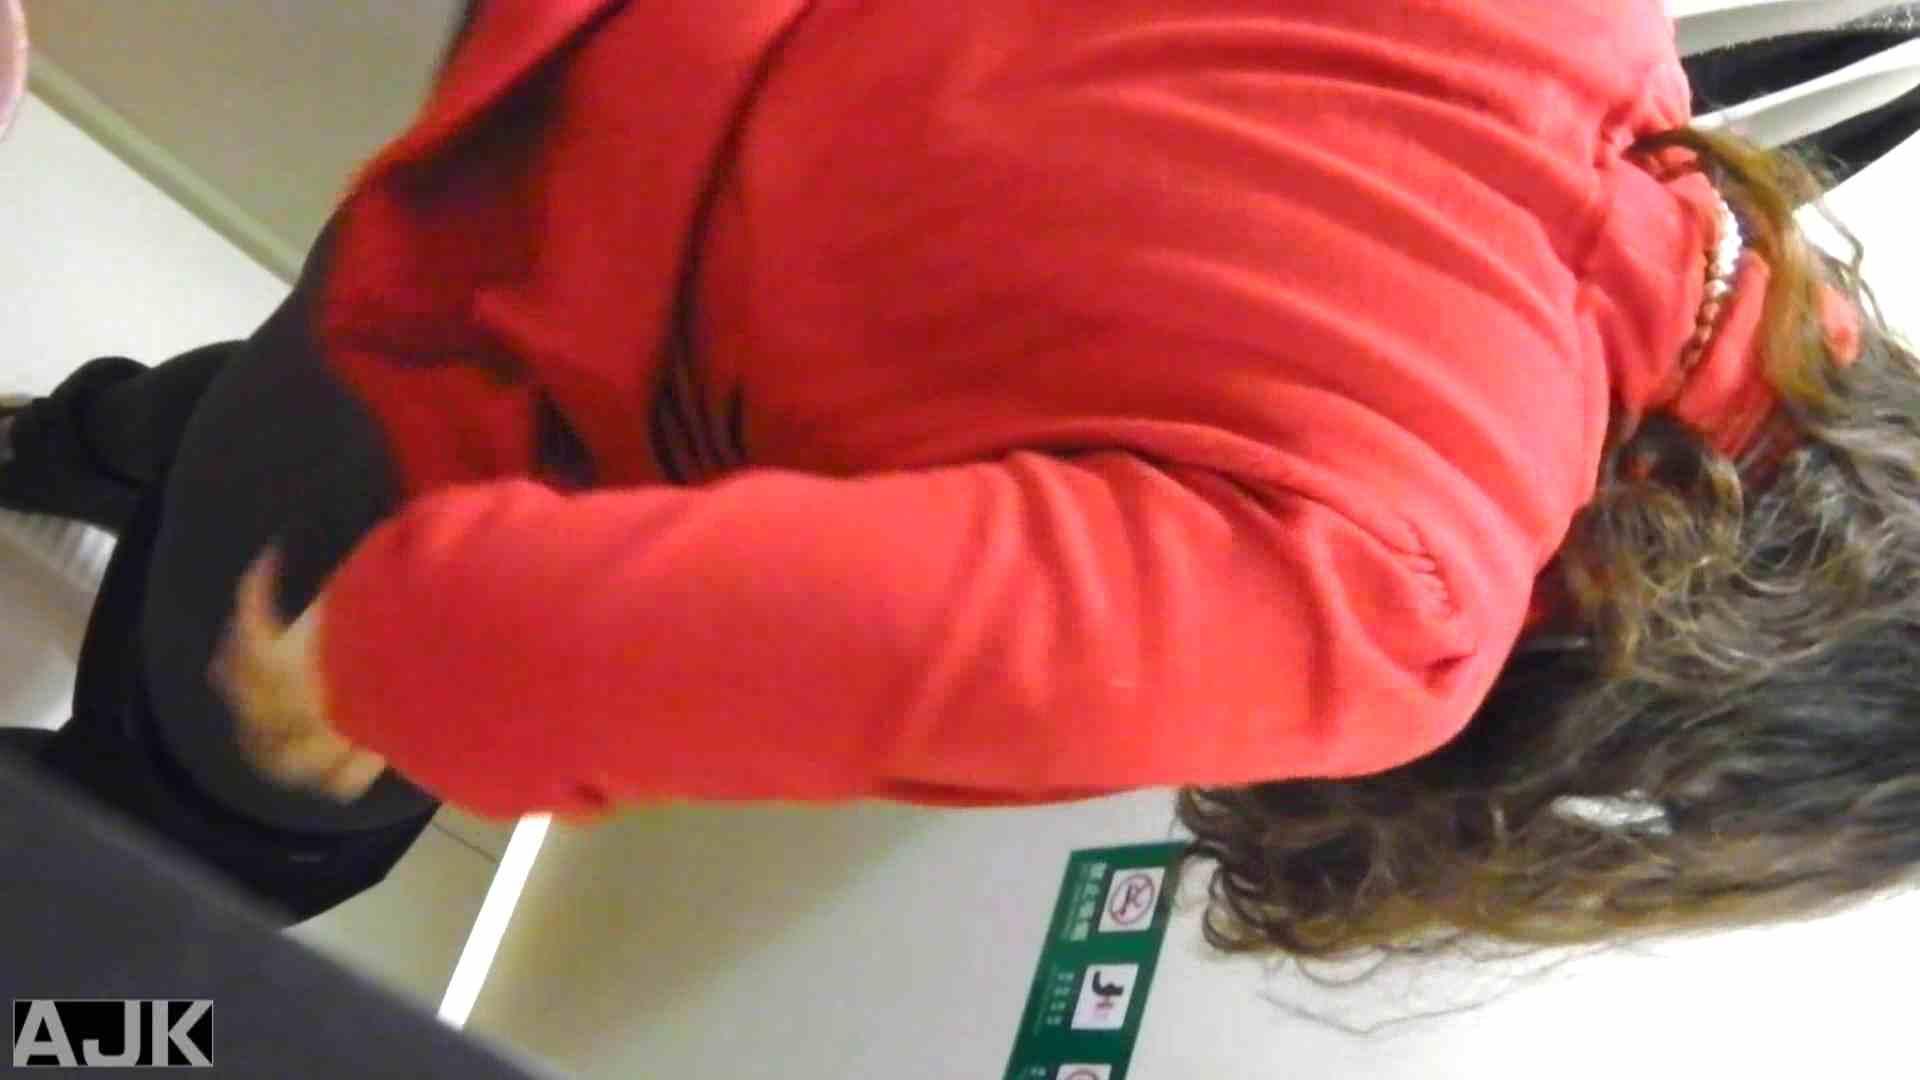 隣国上階級エリアの令嬢たちが集うデパートお手洗い Vol.06 オマンコ見放題 ヌード画像 90枚 71